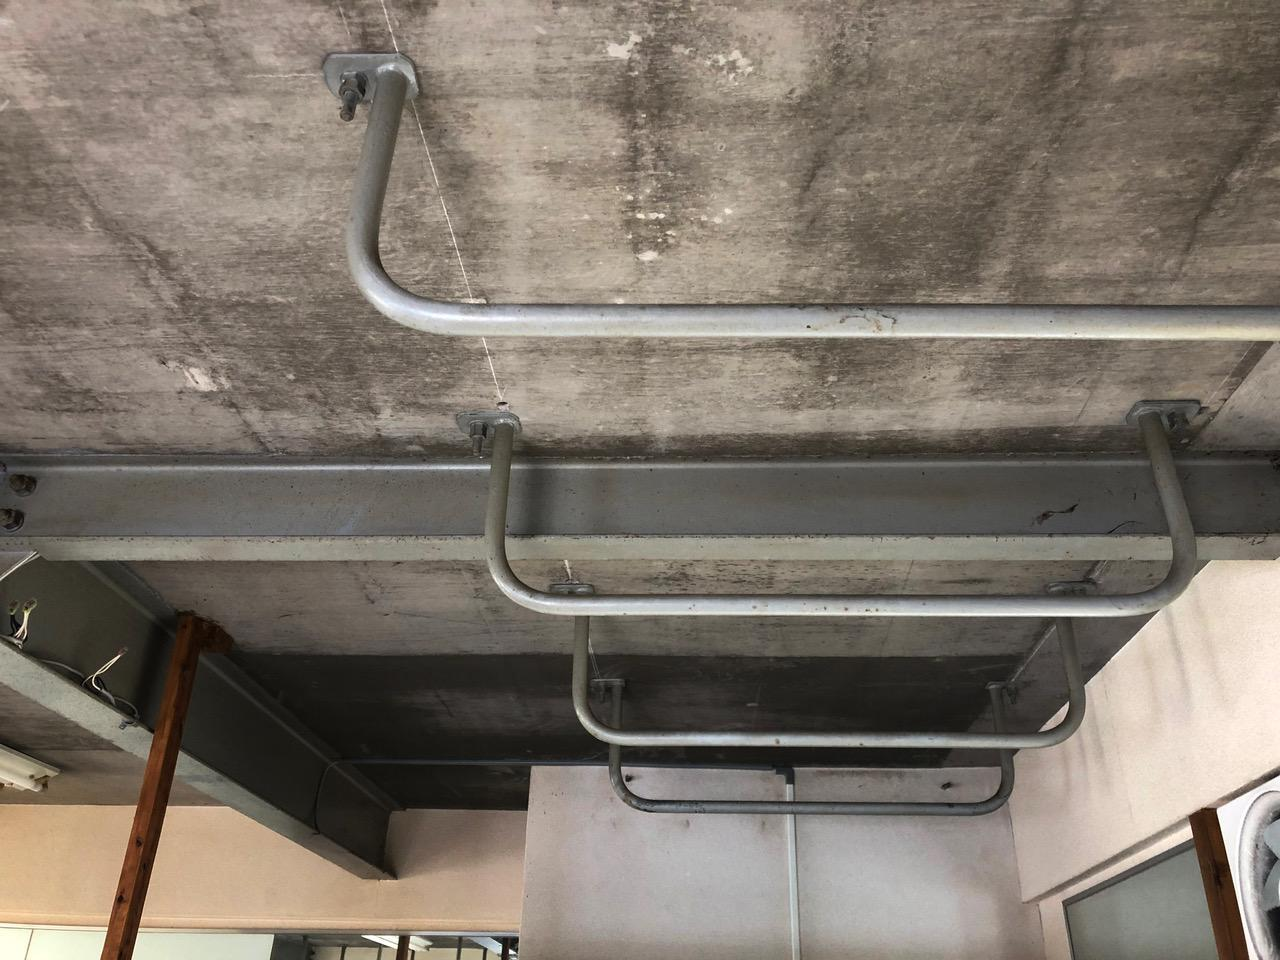 天井には鉄のバー。収納として使っていたのかな